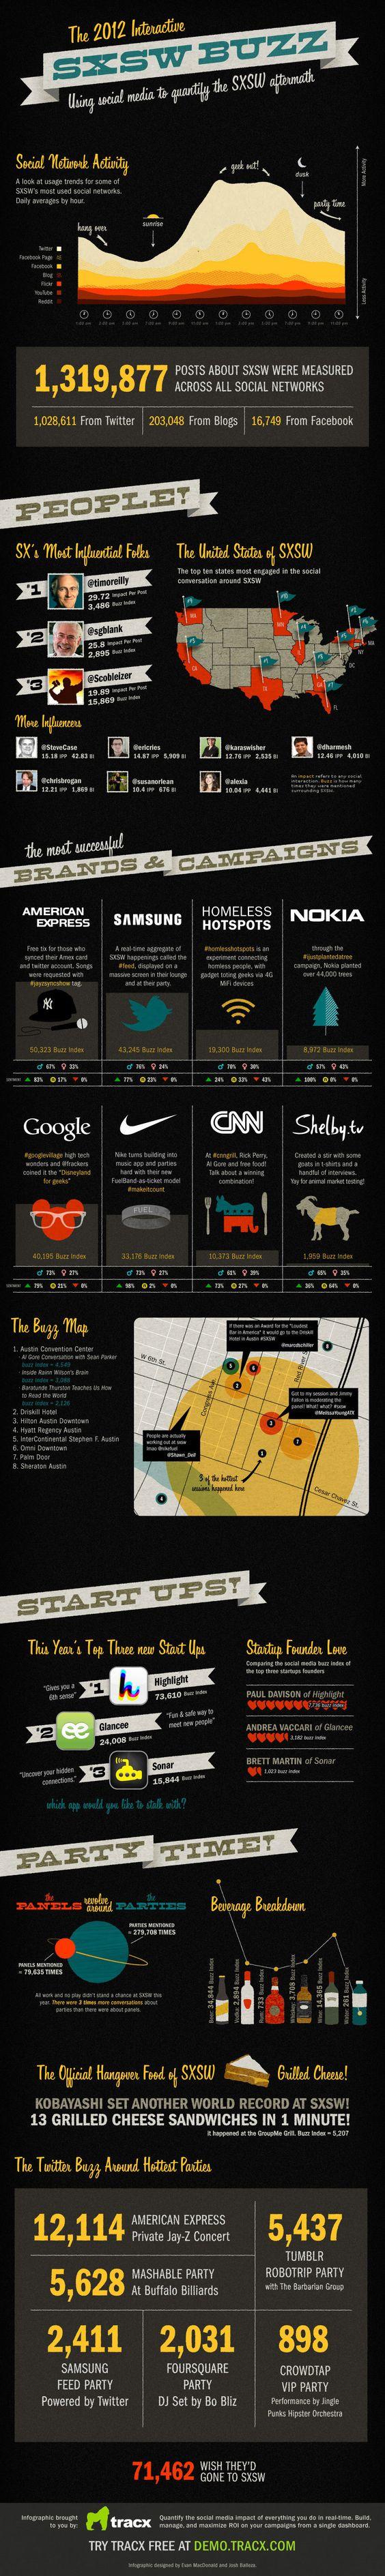 #SXSW Buzz: Using Social Media to Quantify the SXSW Aftermath